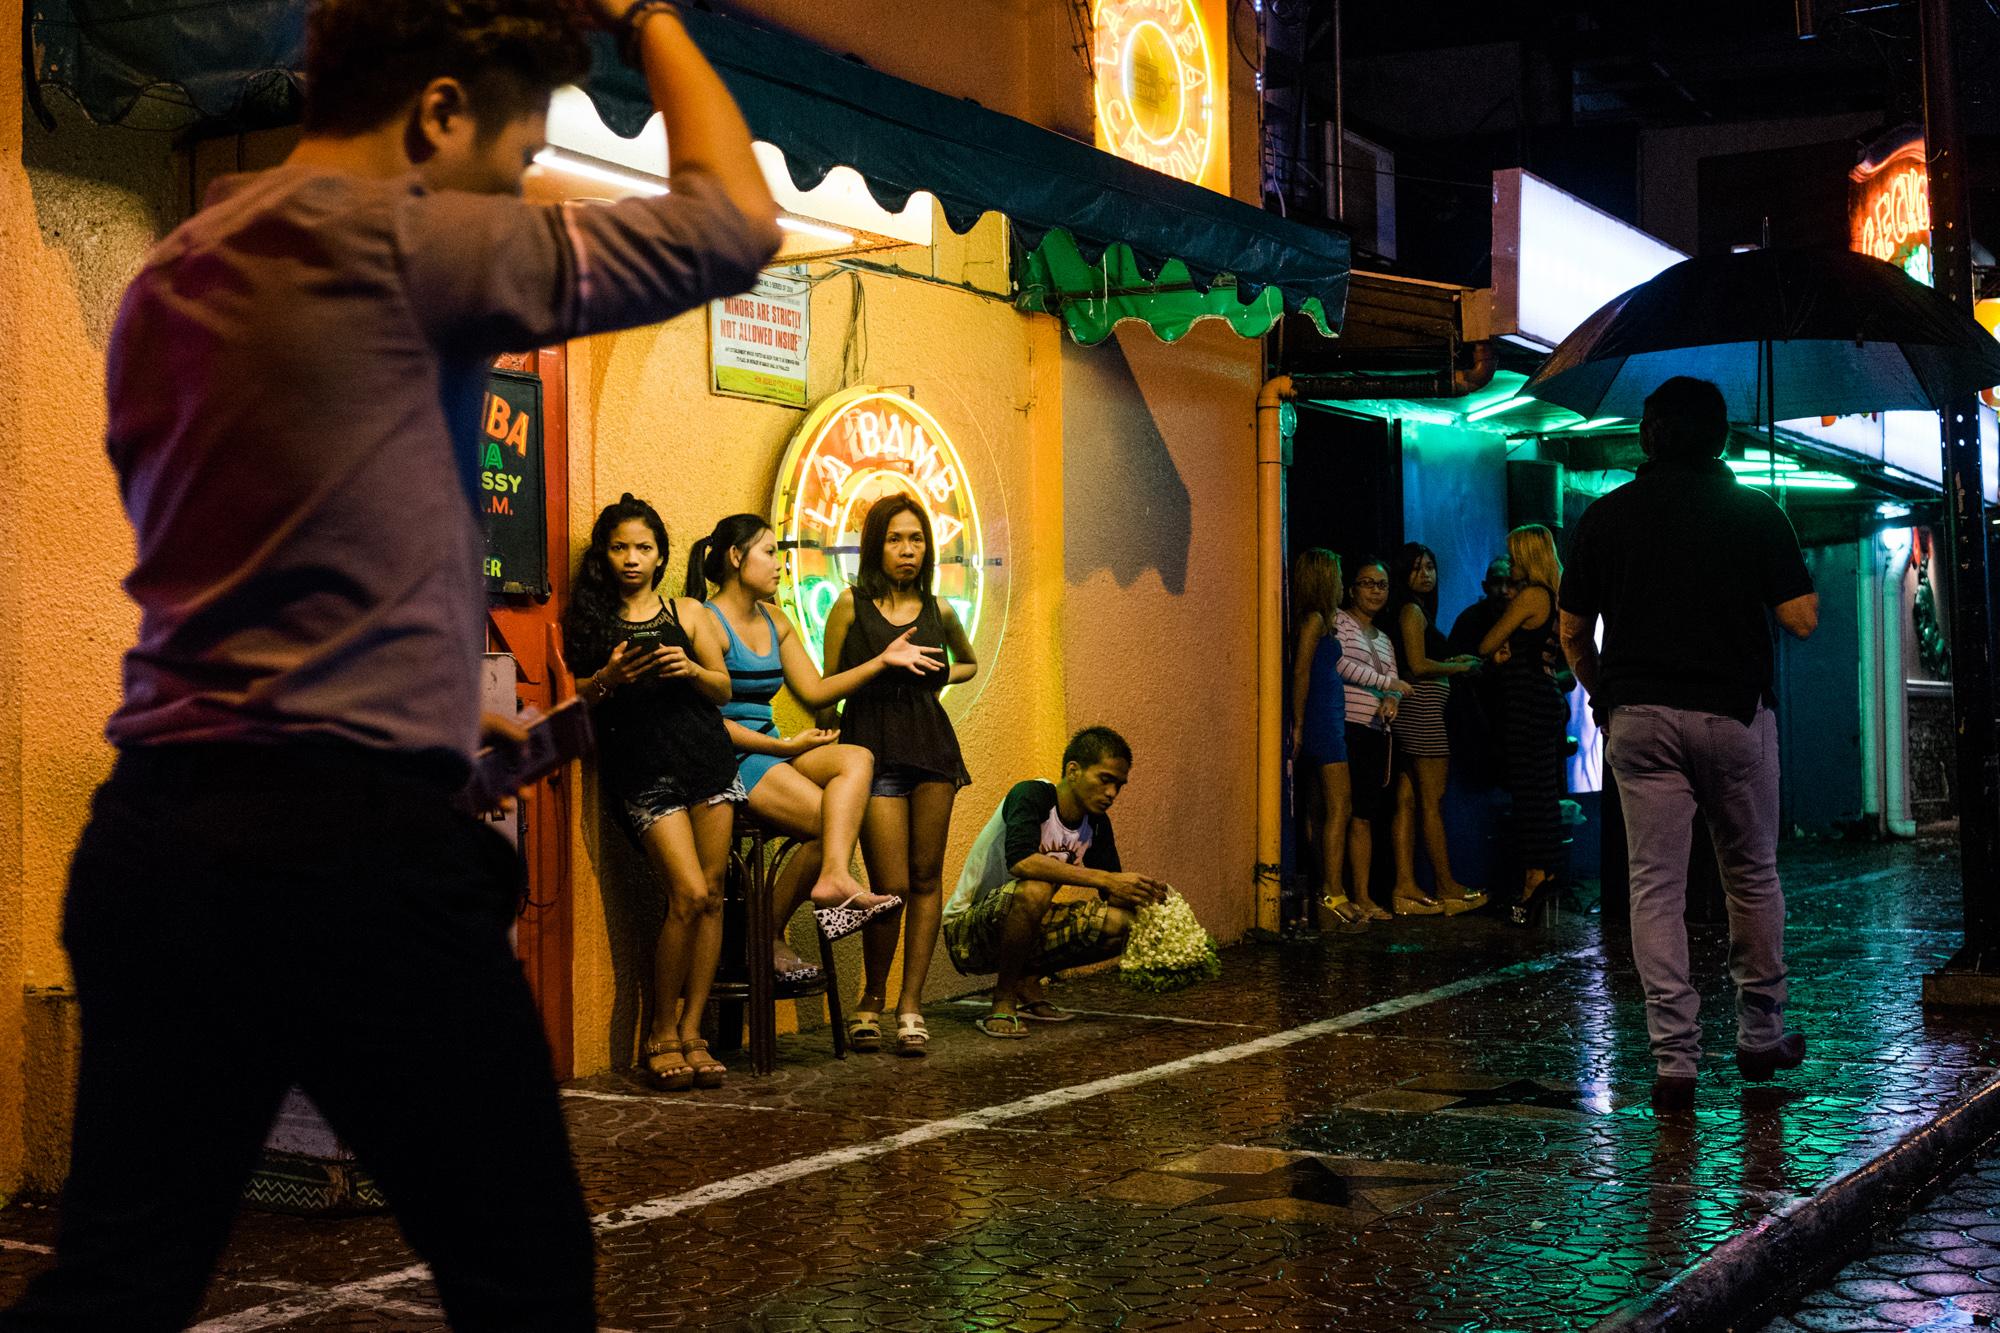 Cebu Sex Tourism